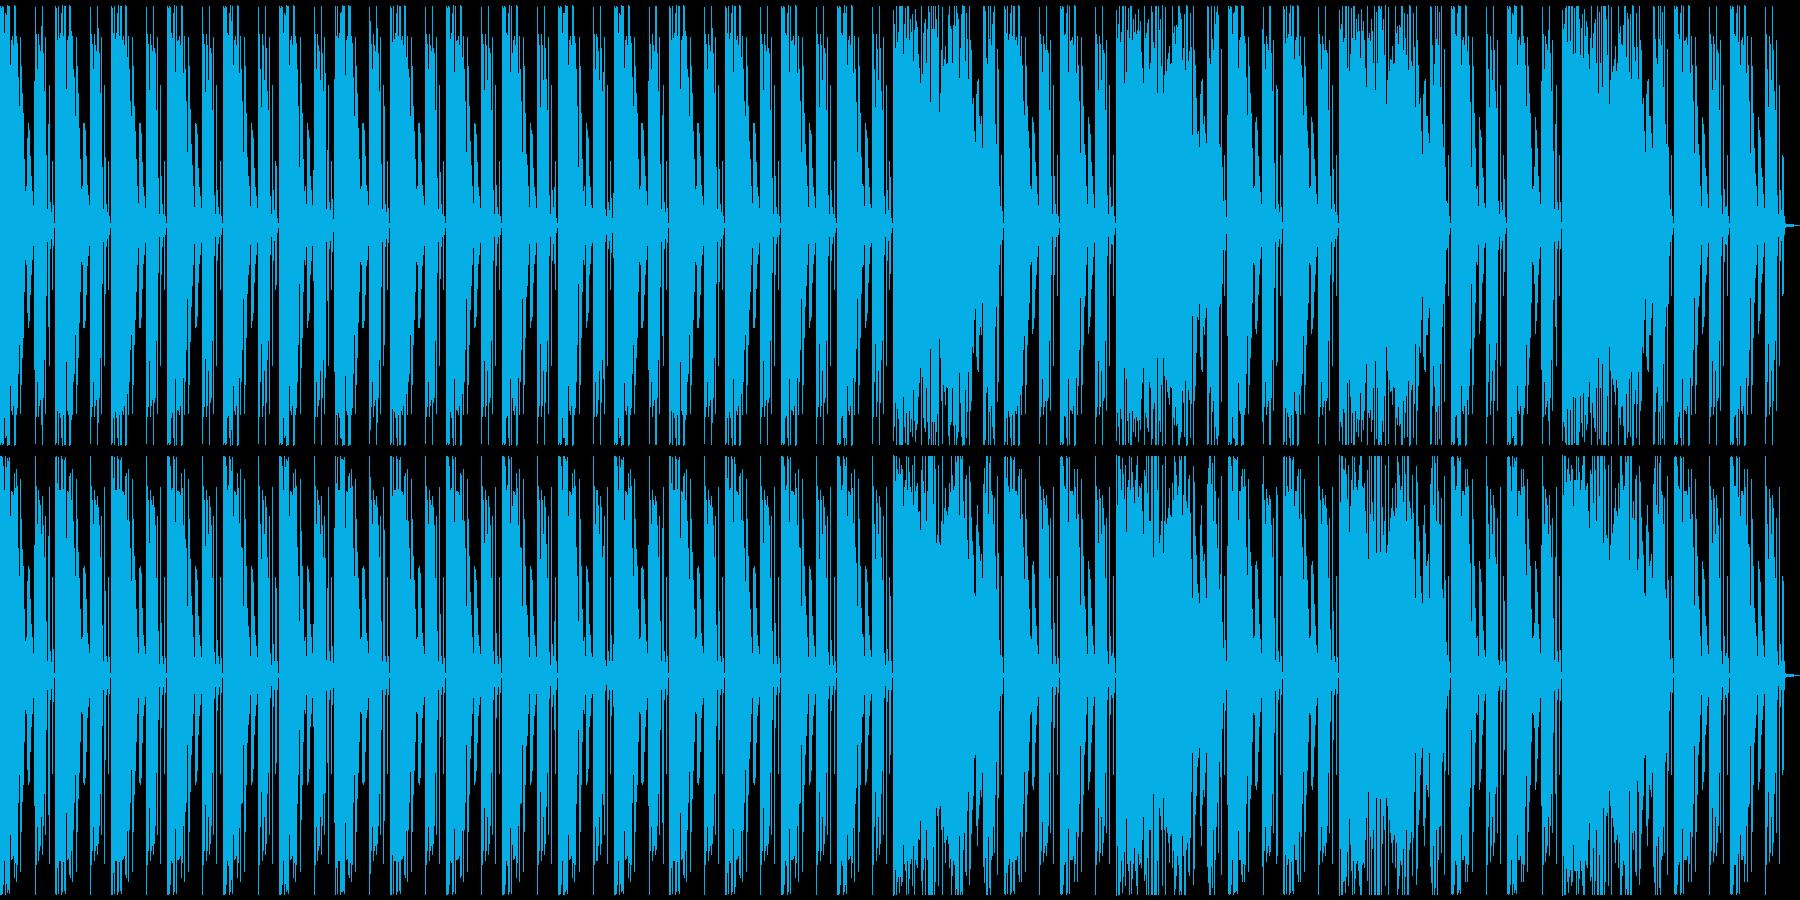 【エレクトロニカ】テクノ、ロング4の再生済みの波形